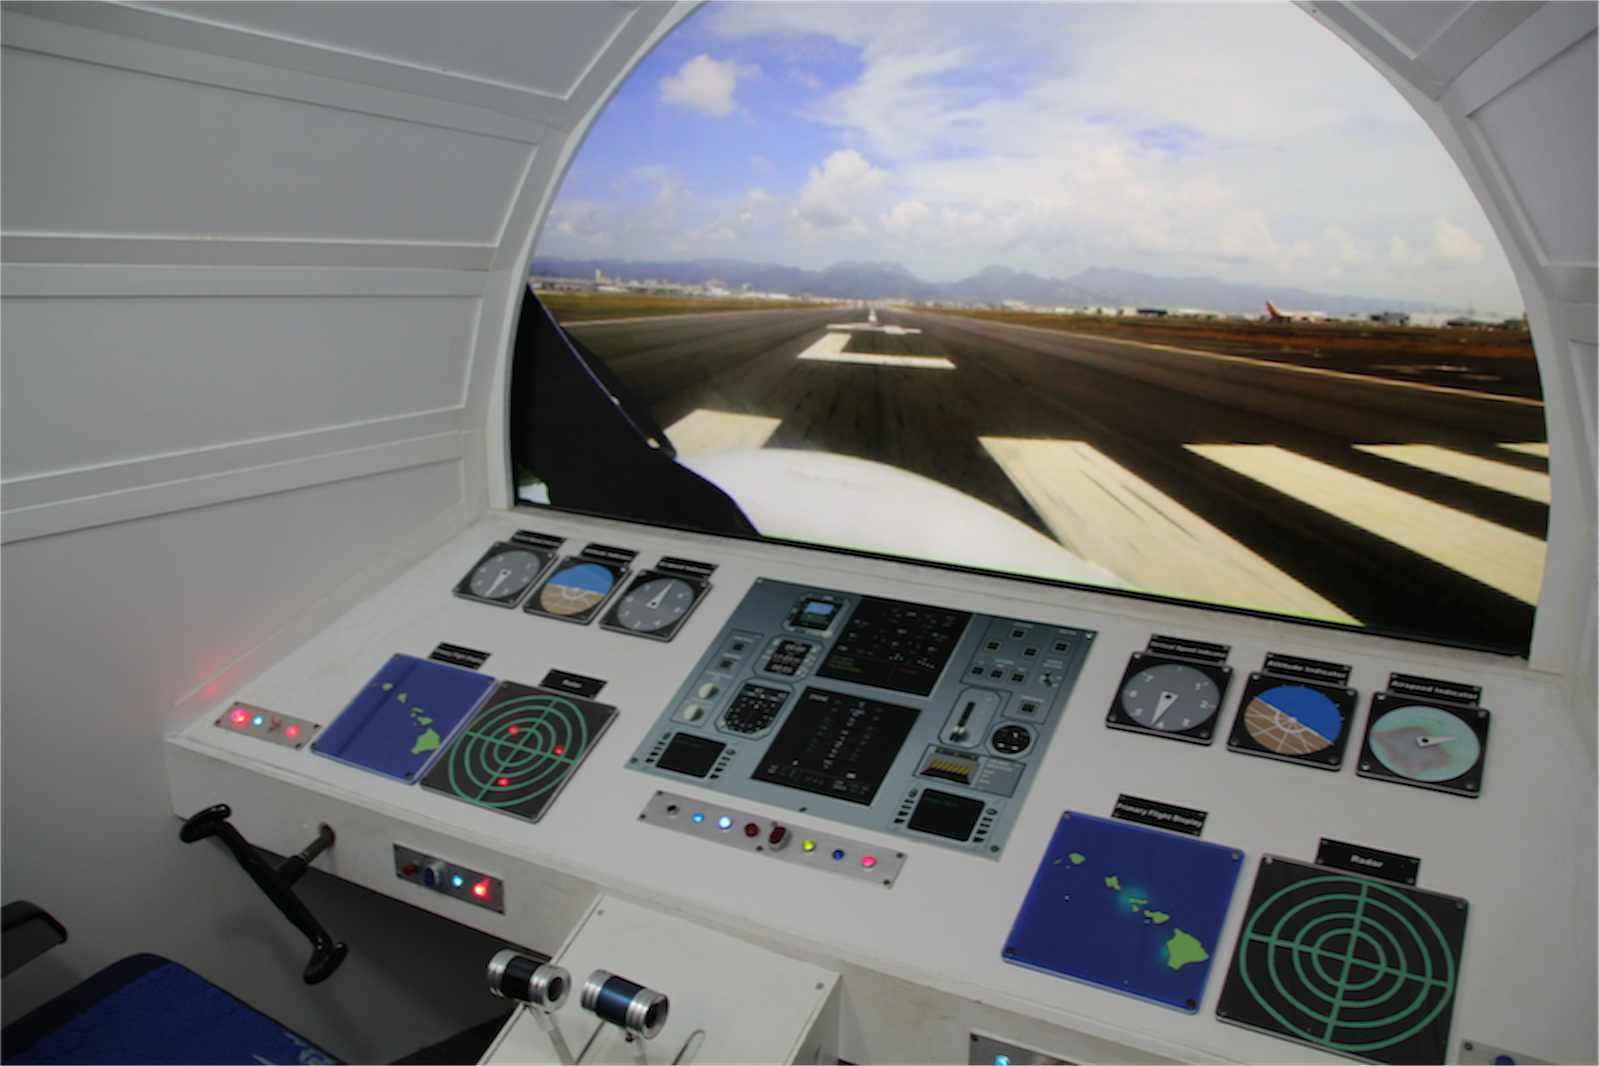 ハワイ・チルドレンズ・ディスカバリー・センターのハワイアン航空コックピット